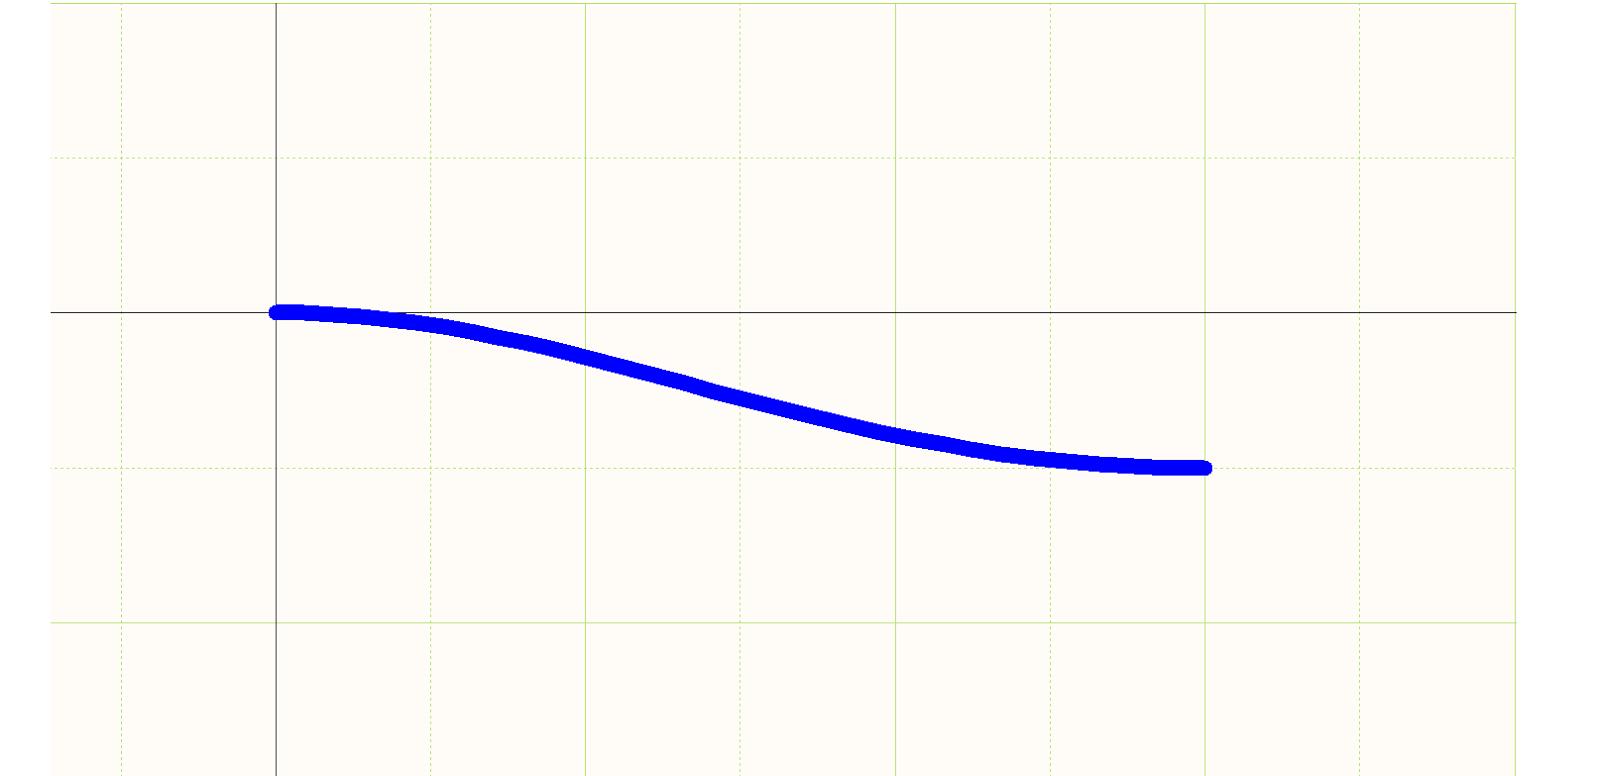 Figura 7.  Parte inferior de un termorretráctil con un plano de la curva de Bezier.